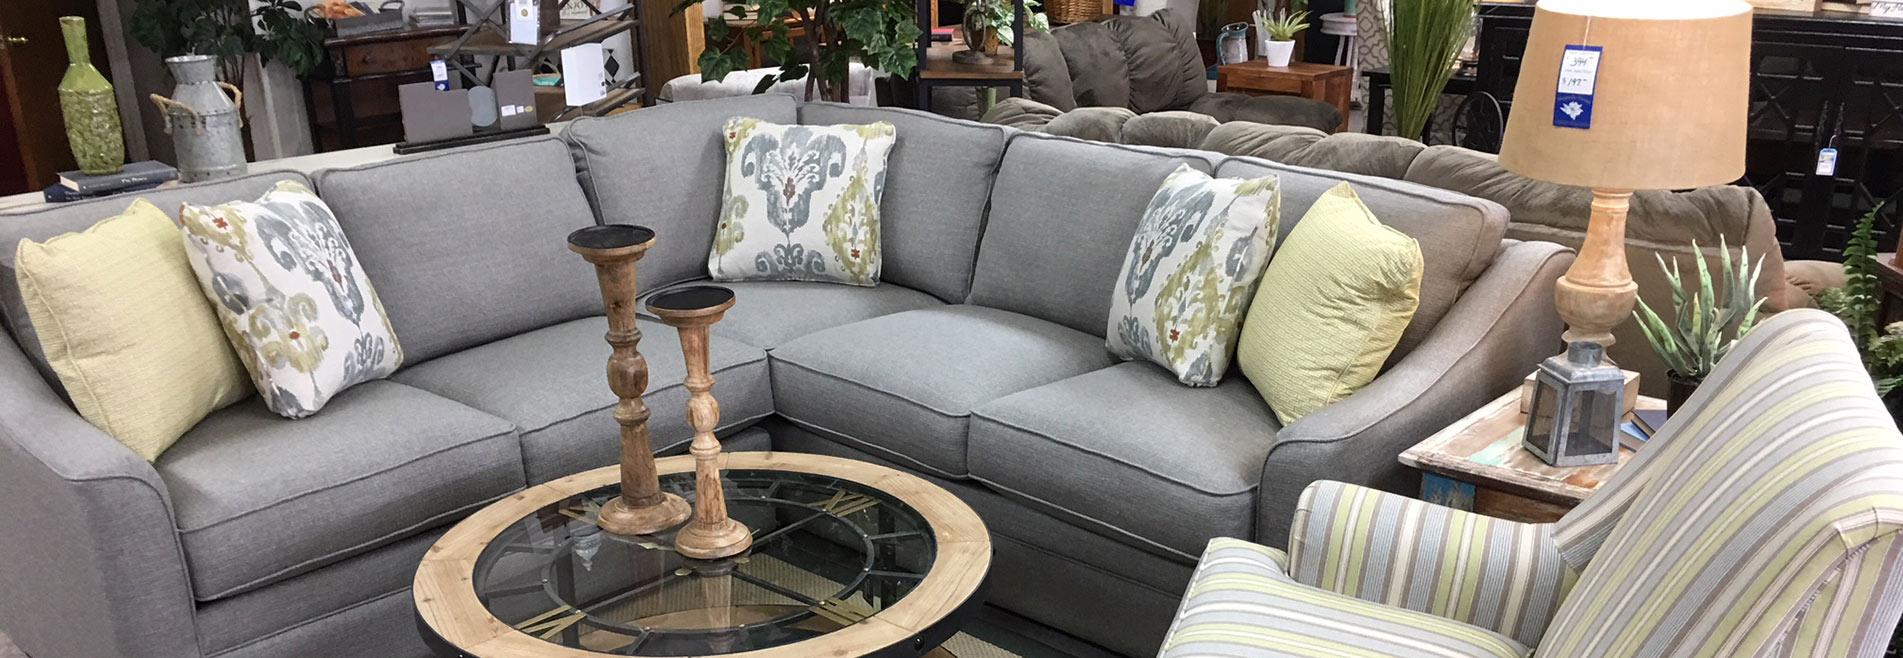 Name Brand Furniture In Valdosta, GA